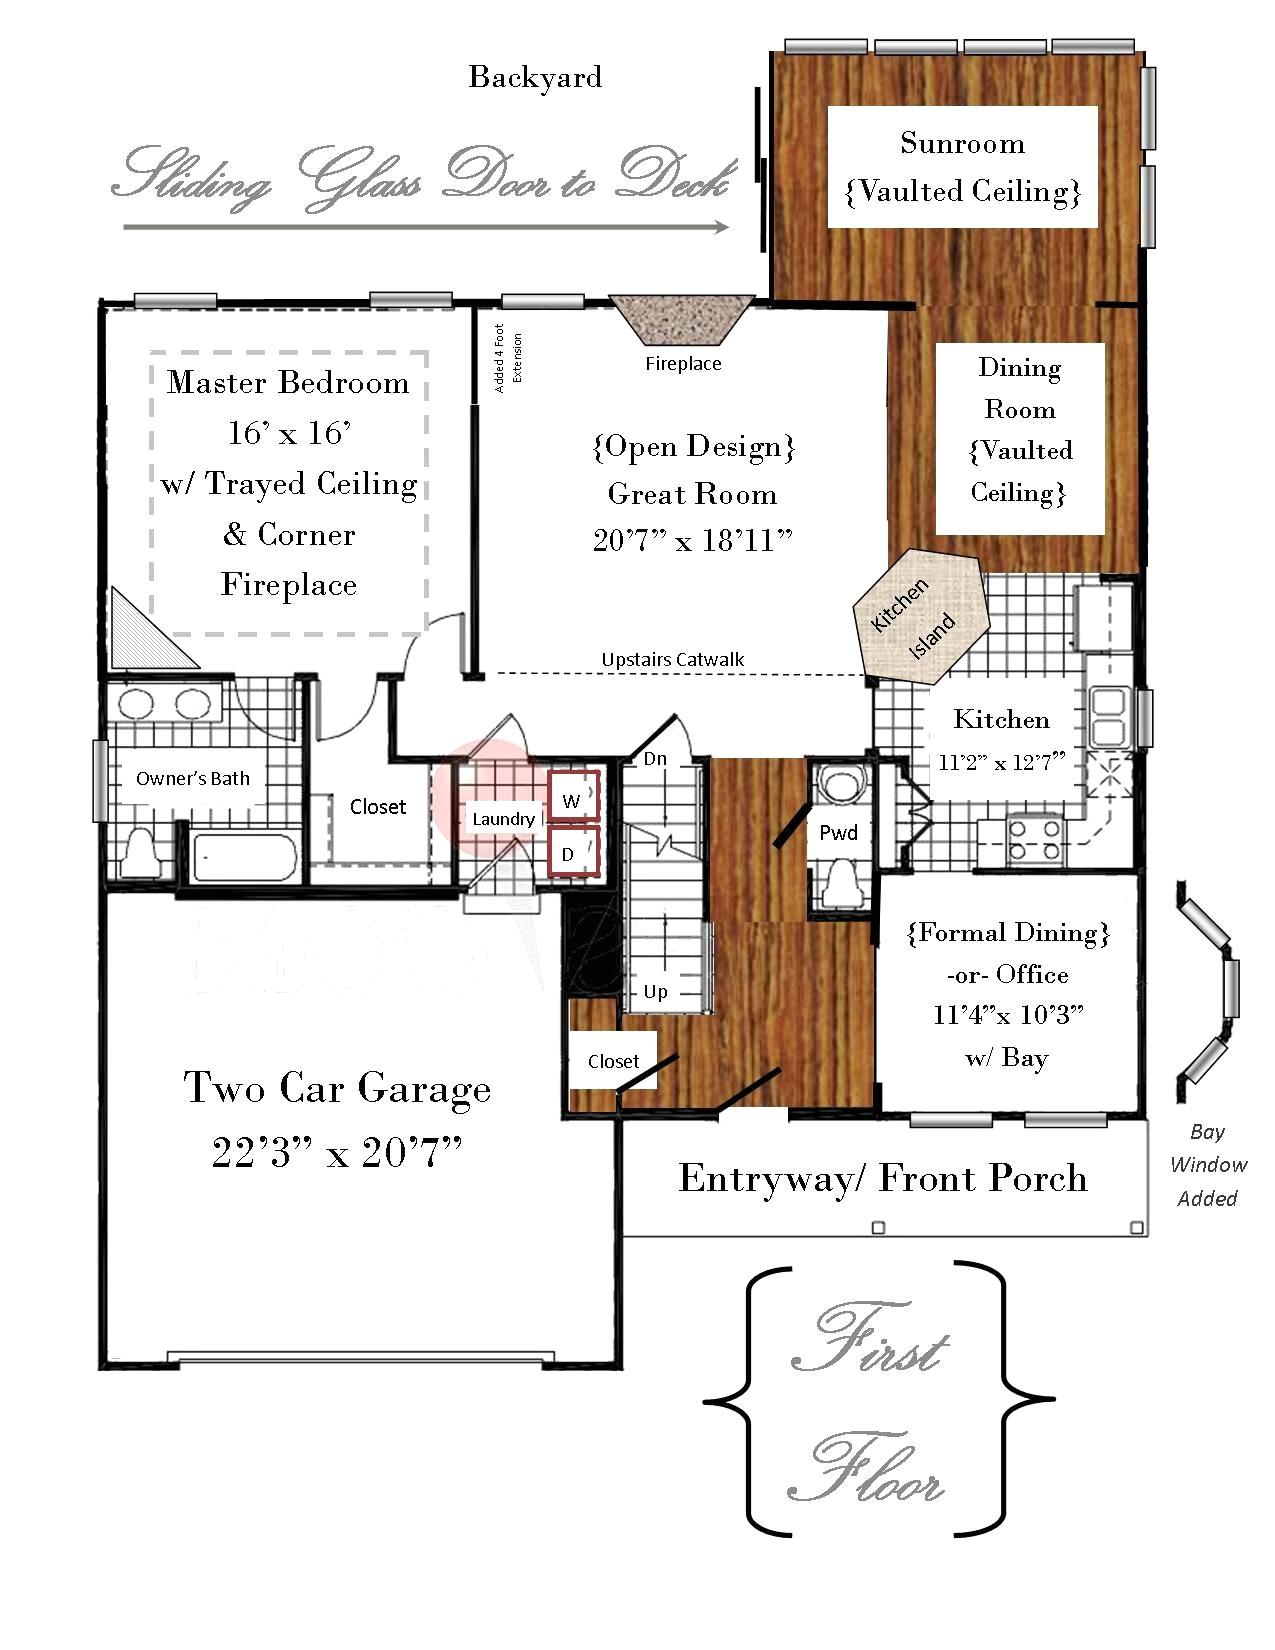 ryan homes mozart floor plan luxury ryan homes floor plans elegant ryan homes floor plans inspirational